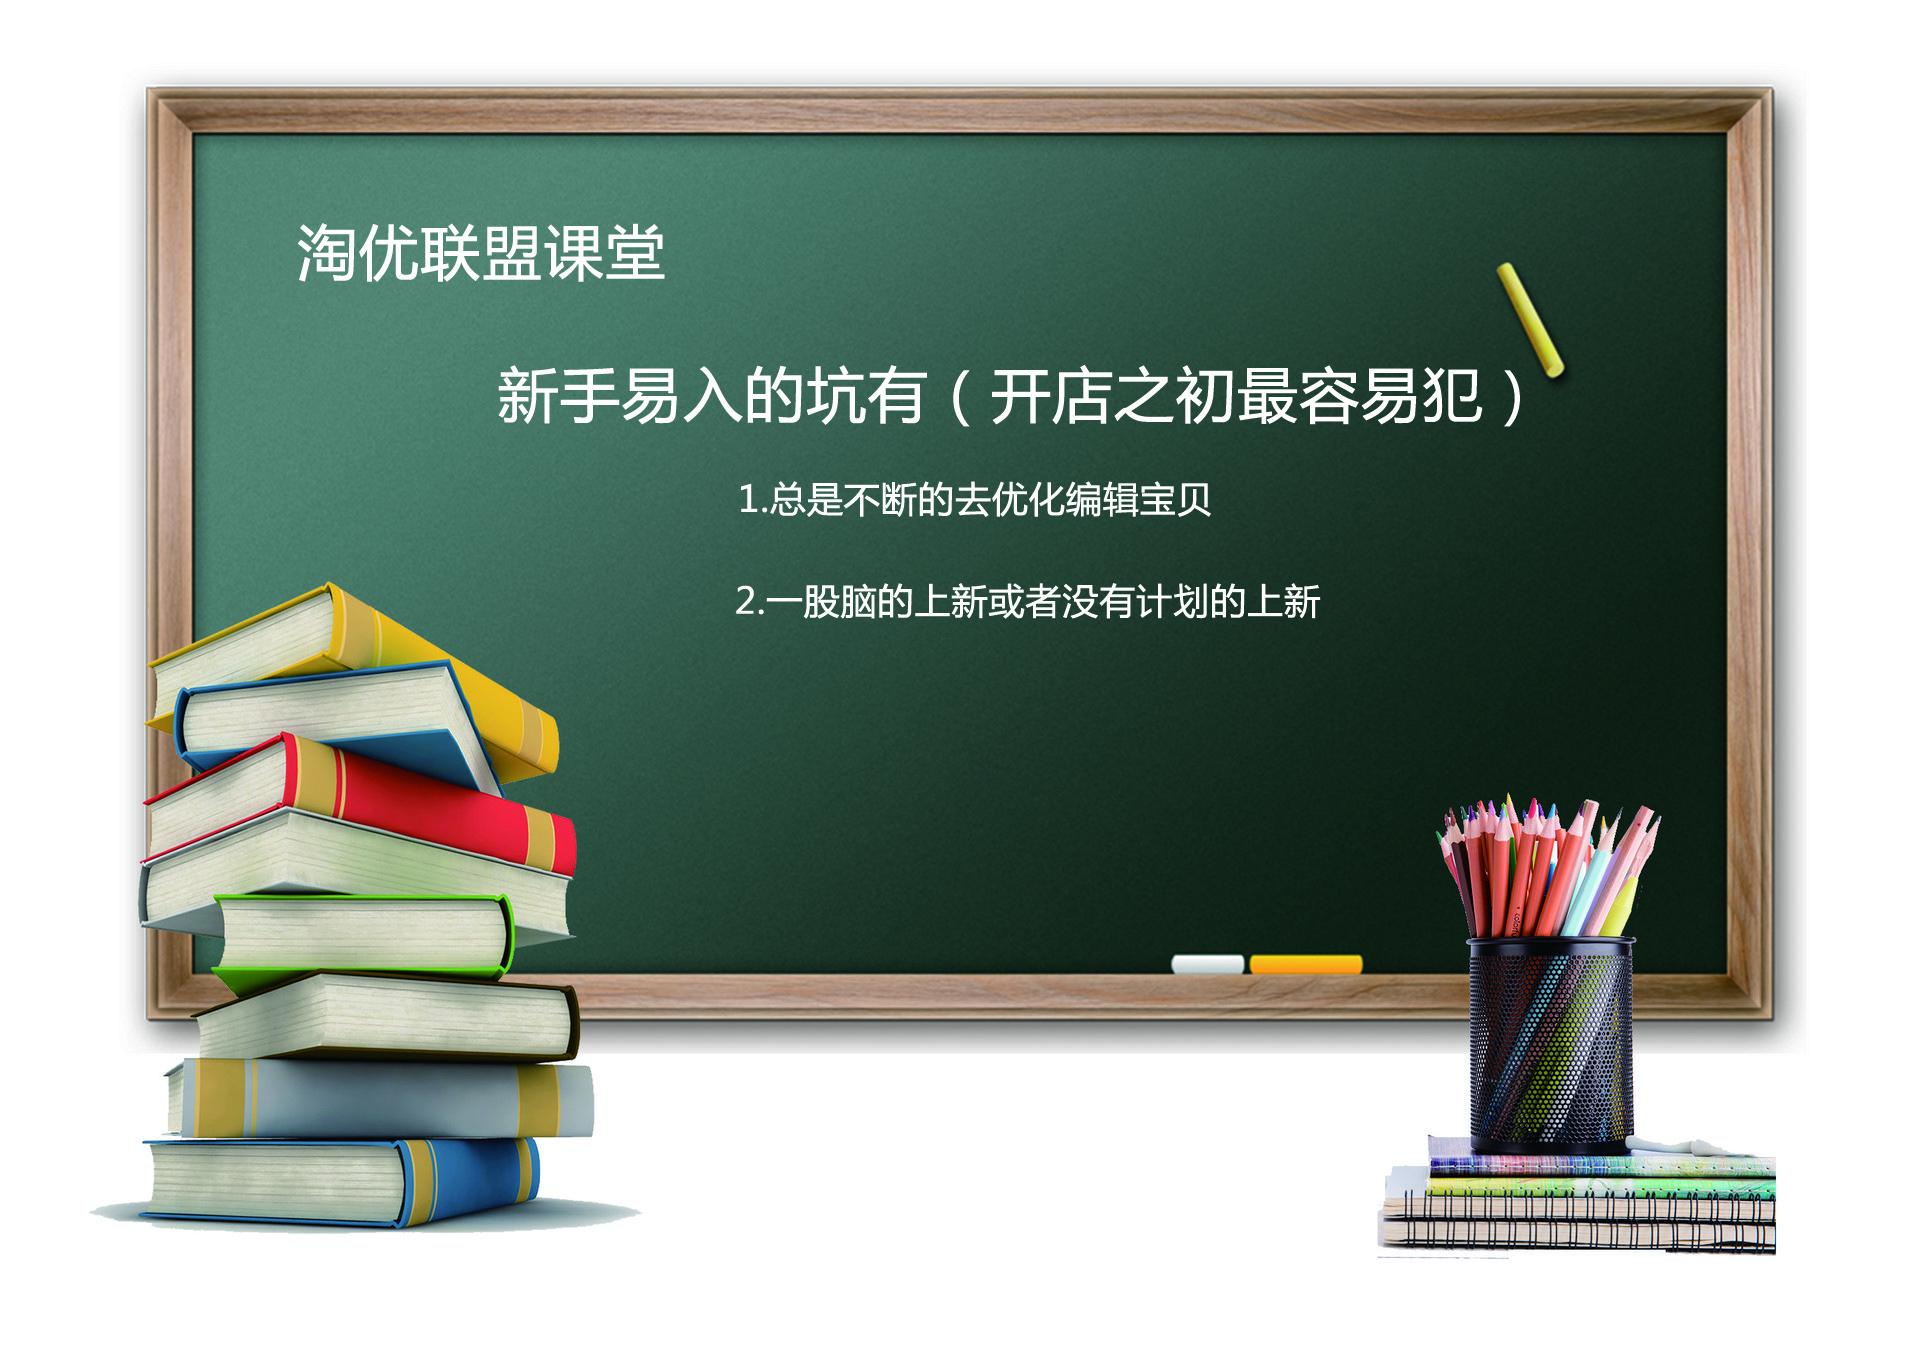 淘优联盟课堂.jpg